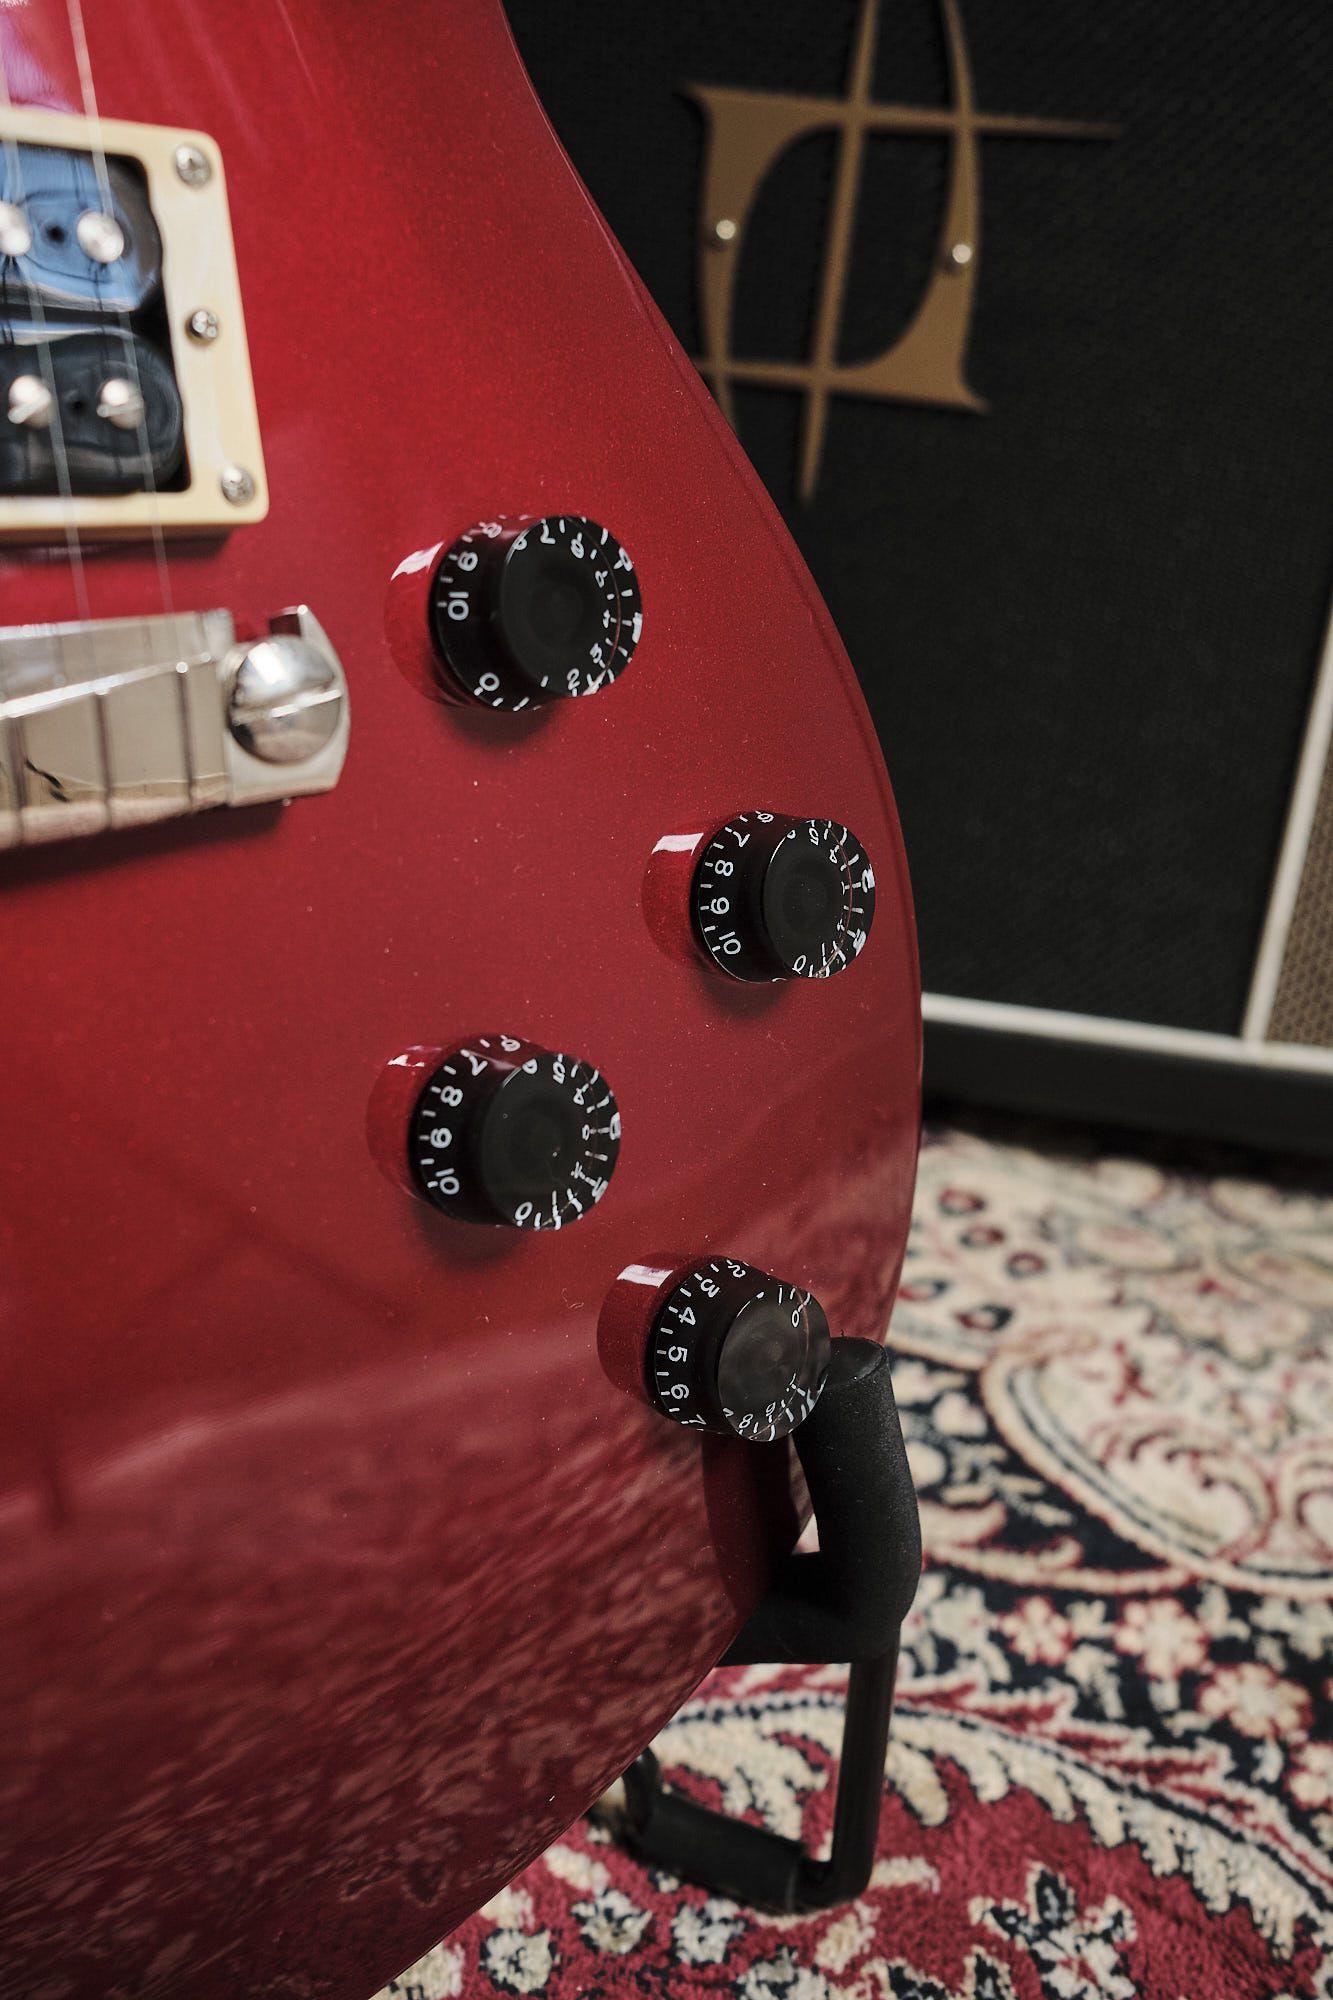 Guitarra Prs Se 245 Red Metallic